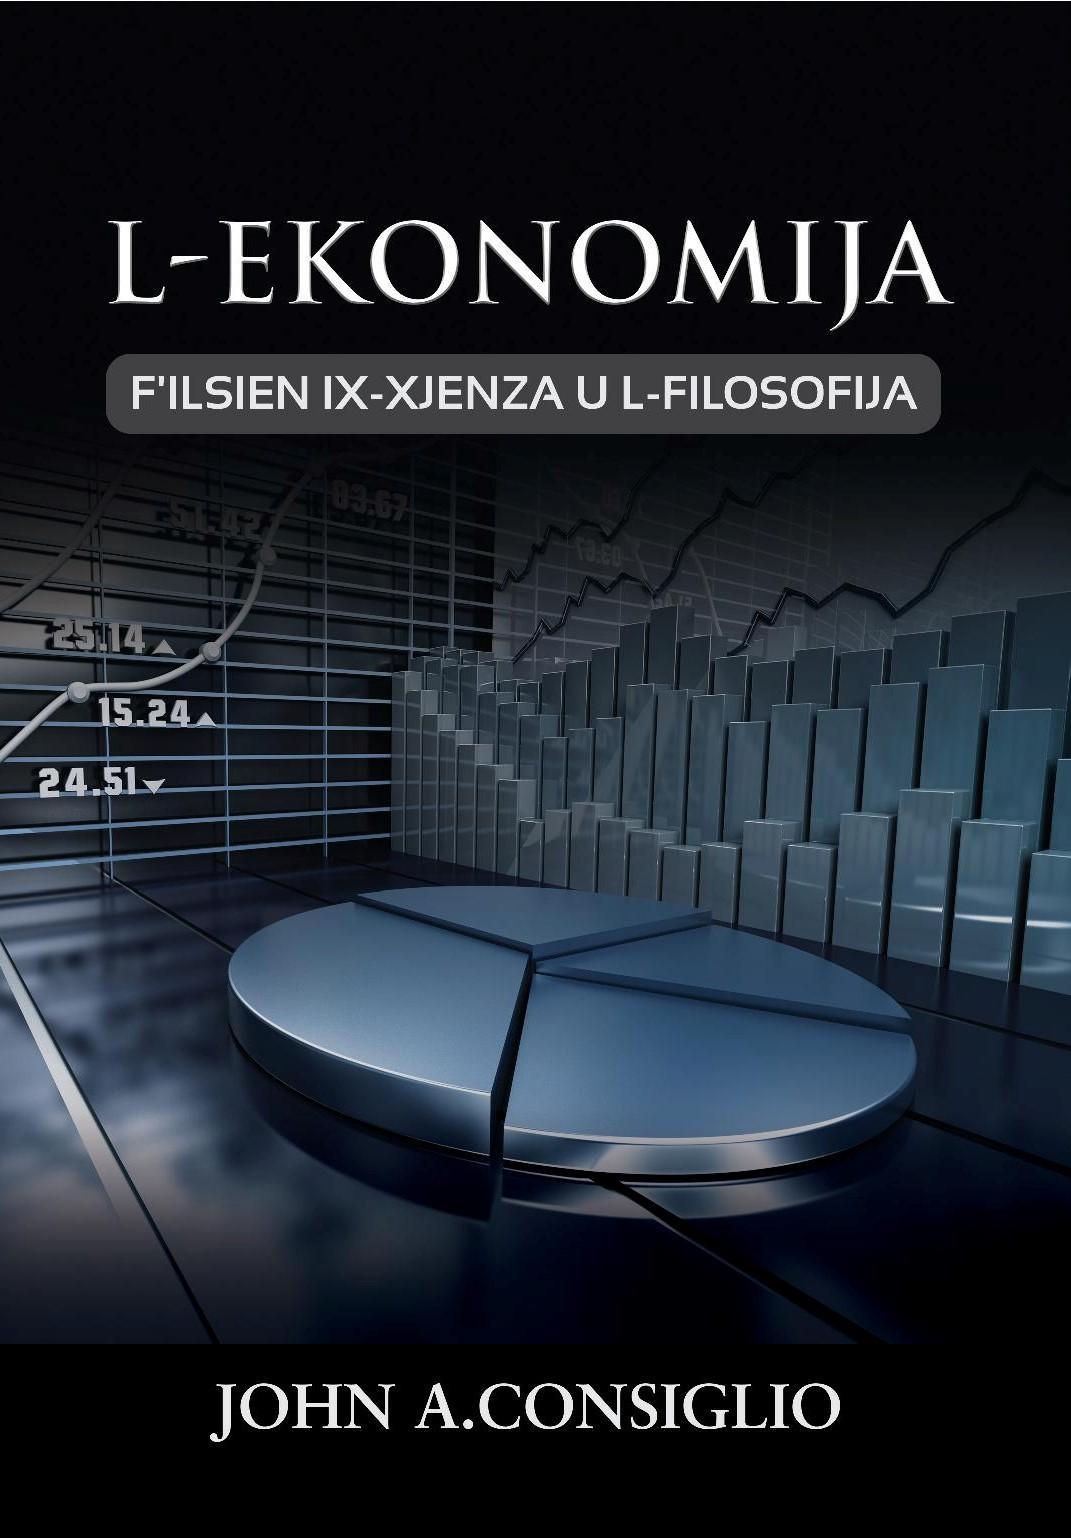 L-Ekonomija f'Ilsien ix-Xjenza u l-Filosofija